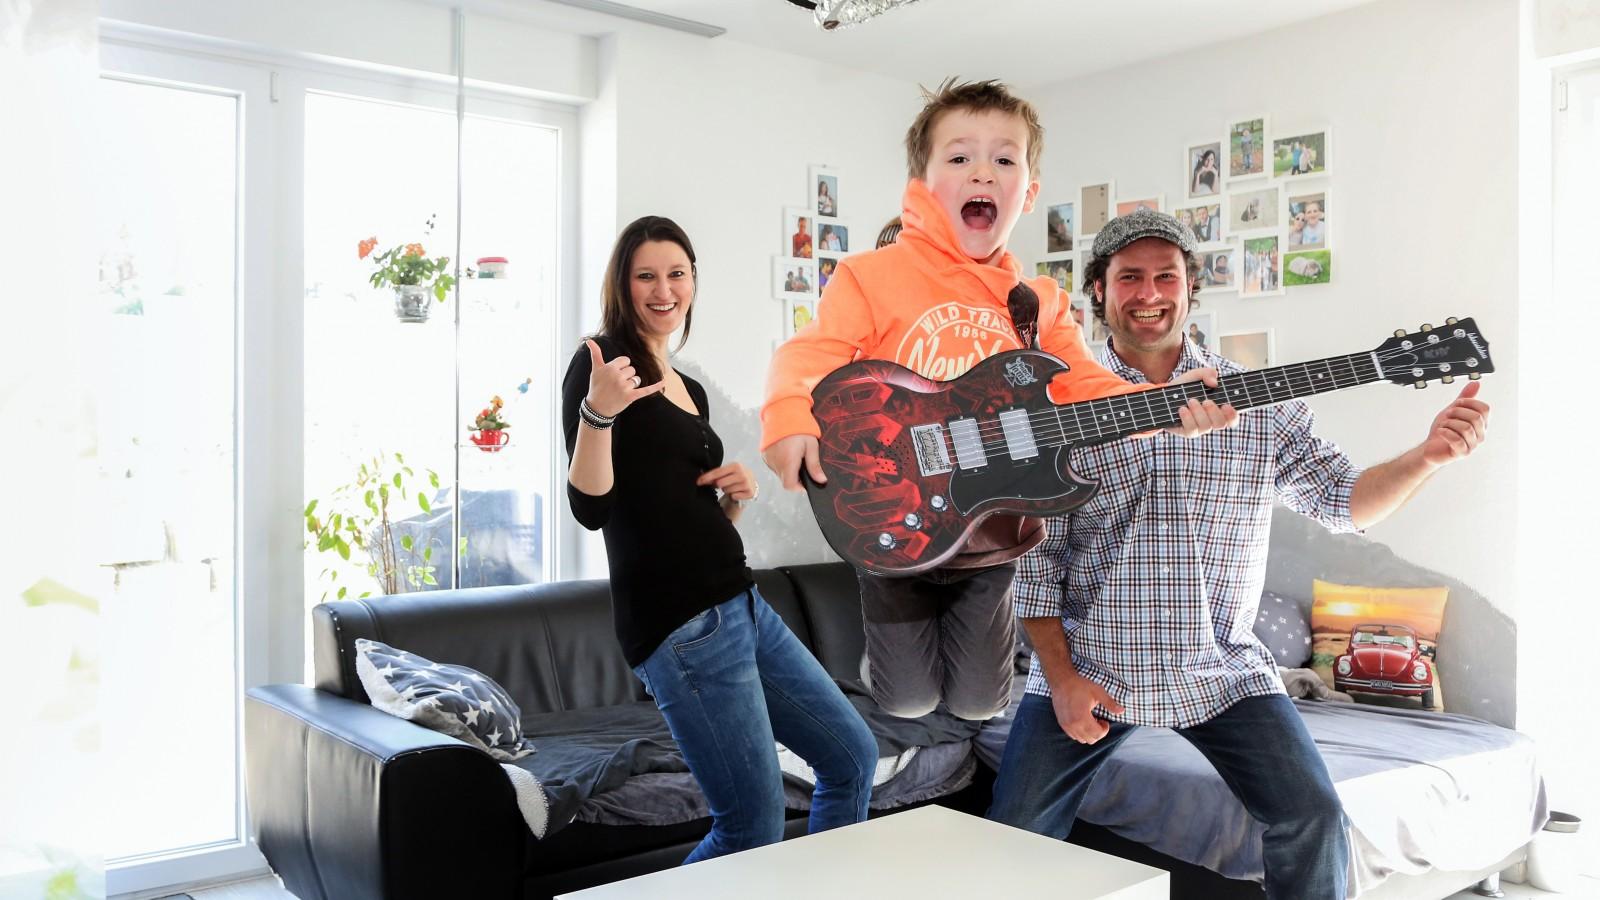 Familie mit Kind hat Spass zu Hause